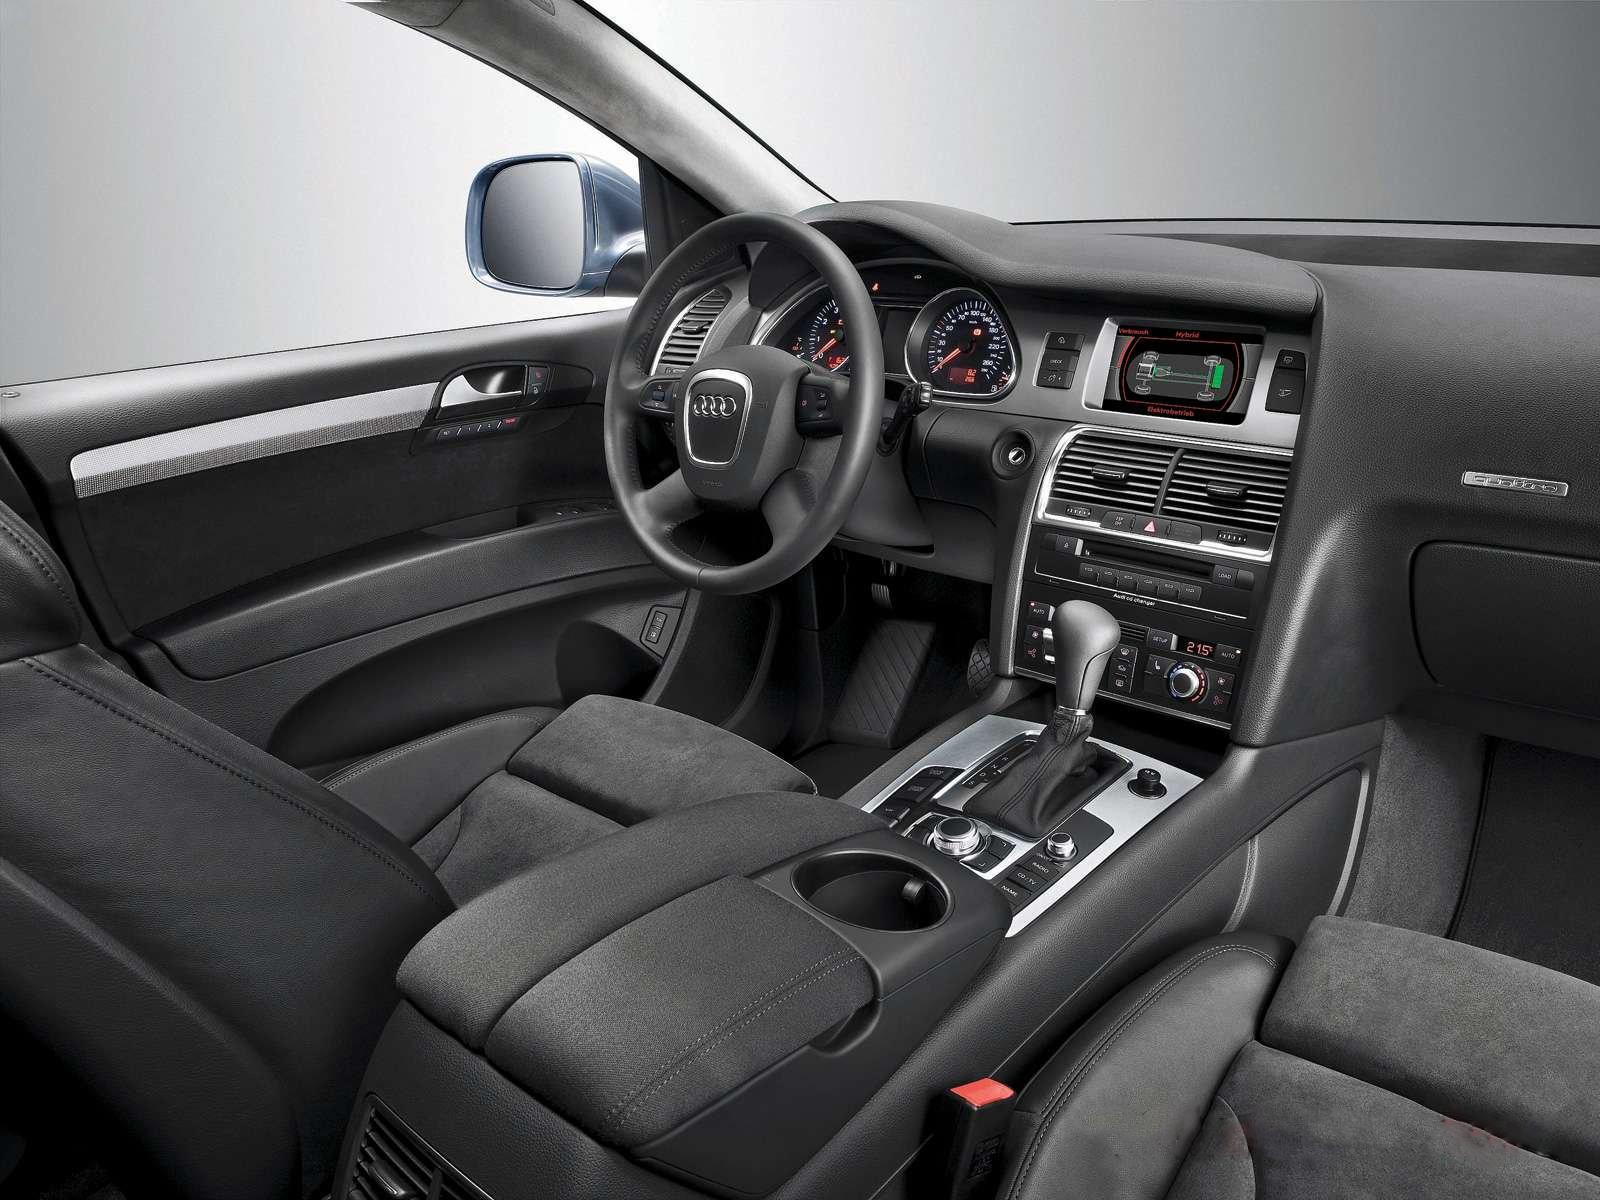 Audi q7 hybrid interior